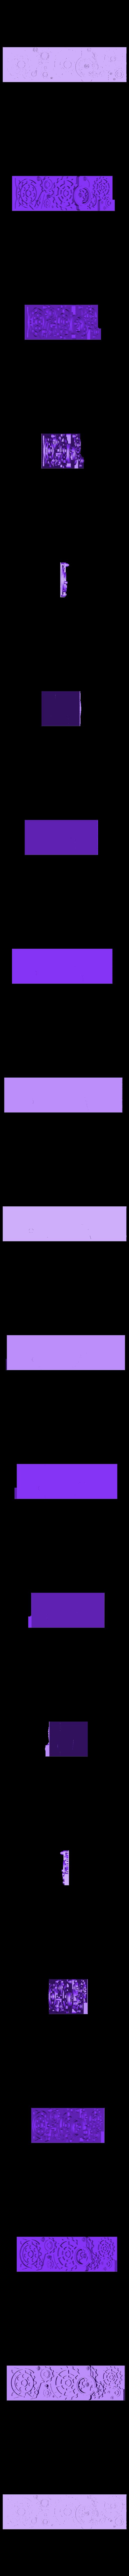 steampunk.stl Télécharger fichier STL gratuit Steampunk plate - Monobloc sans supports • Plan pour imprimante 3D, italymaker